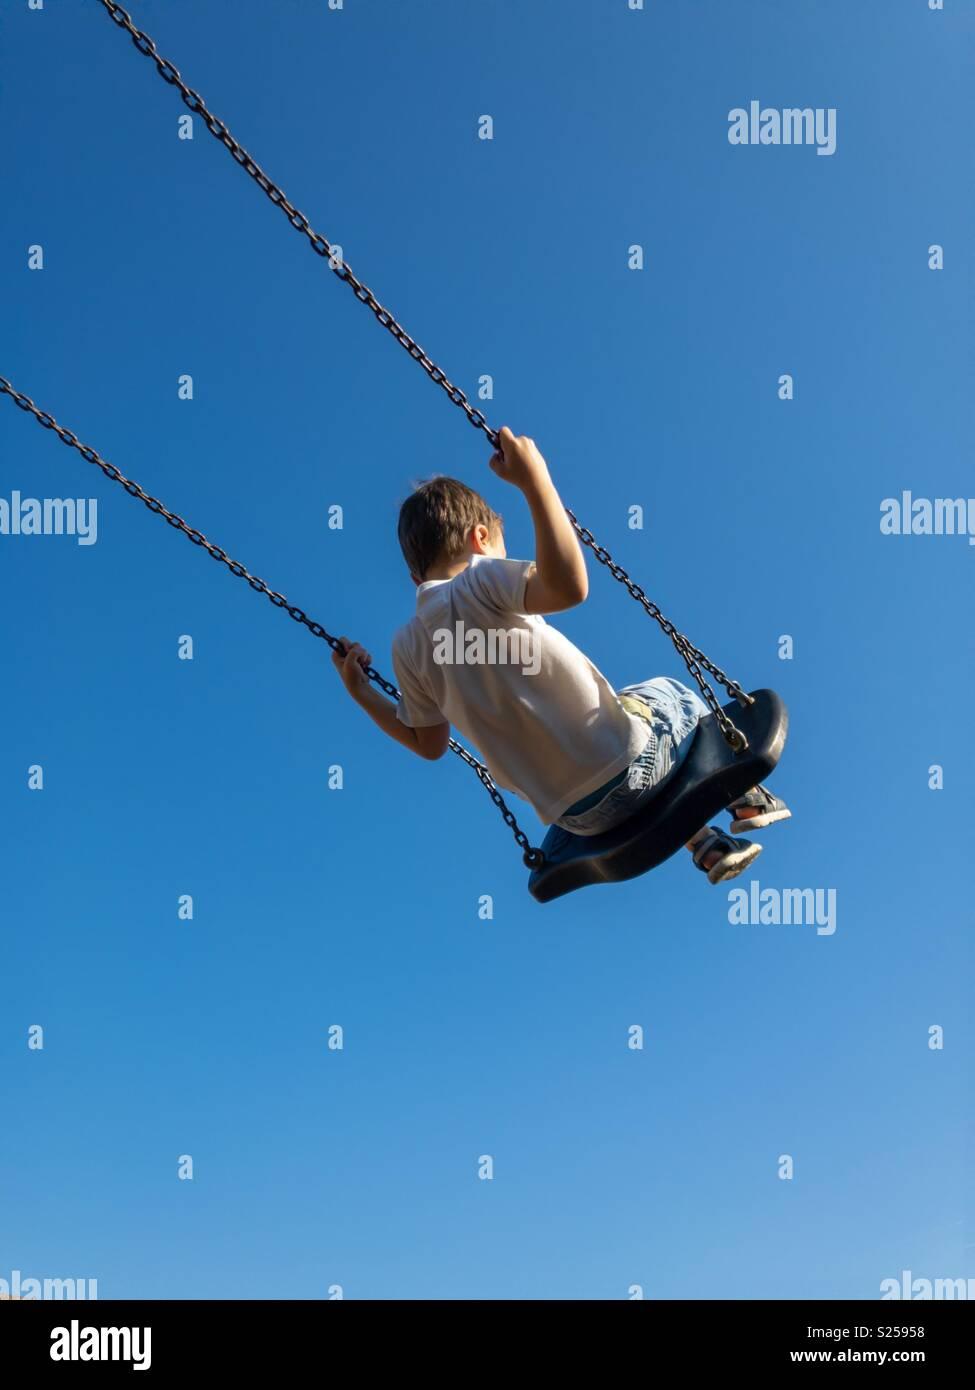 Junge fliegen hoch auf einer Schaukel, Kindheitserinnerungen Konzept Stockfoto